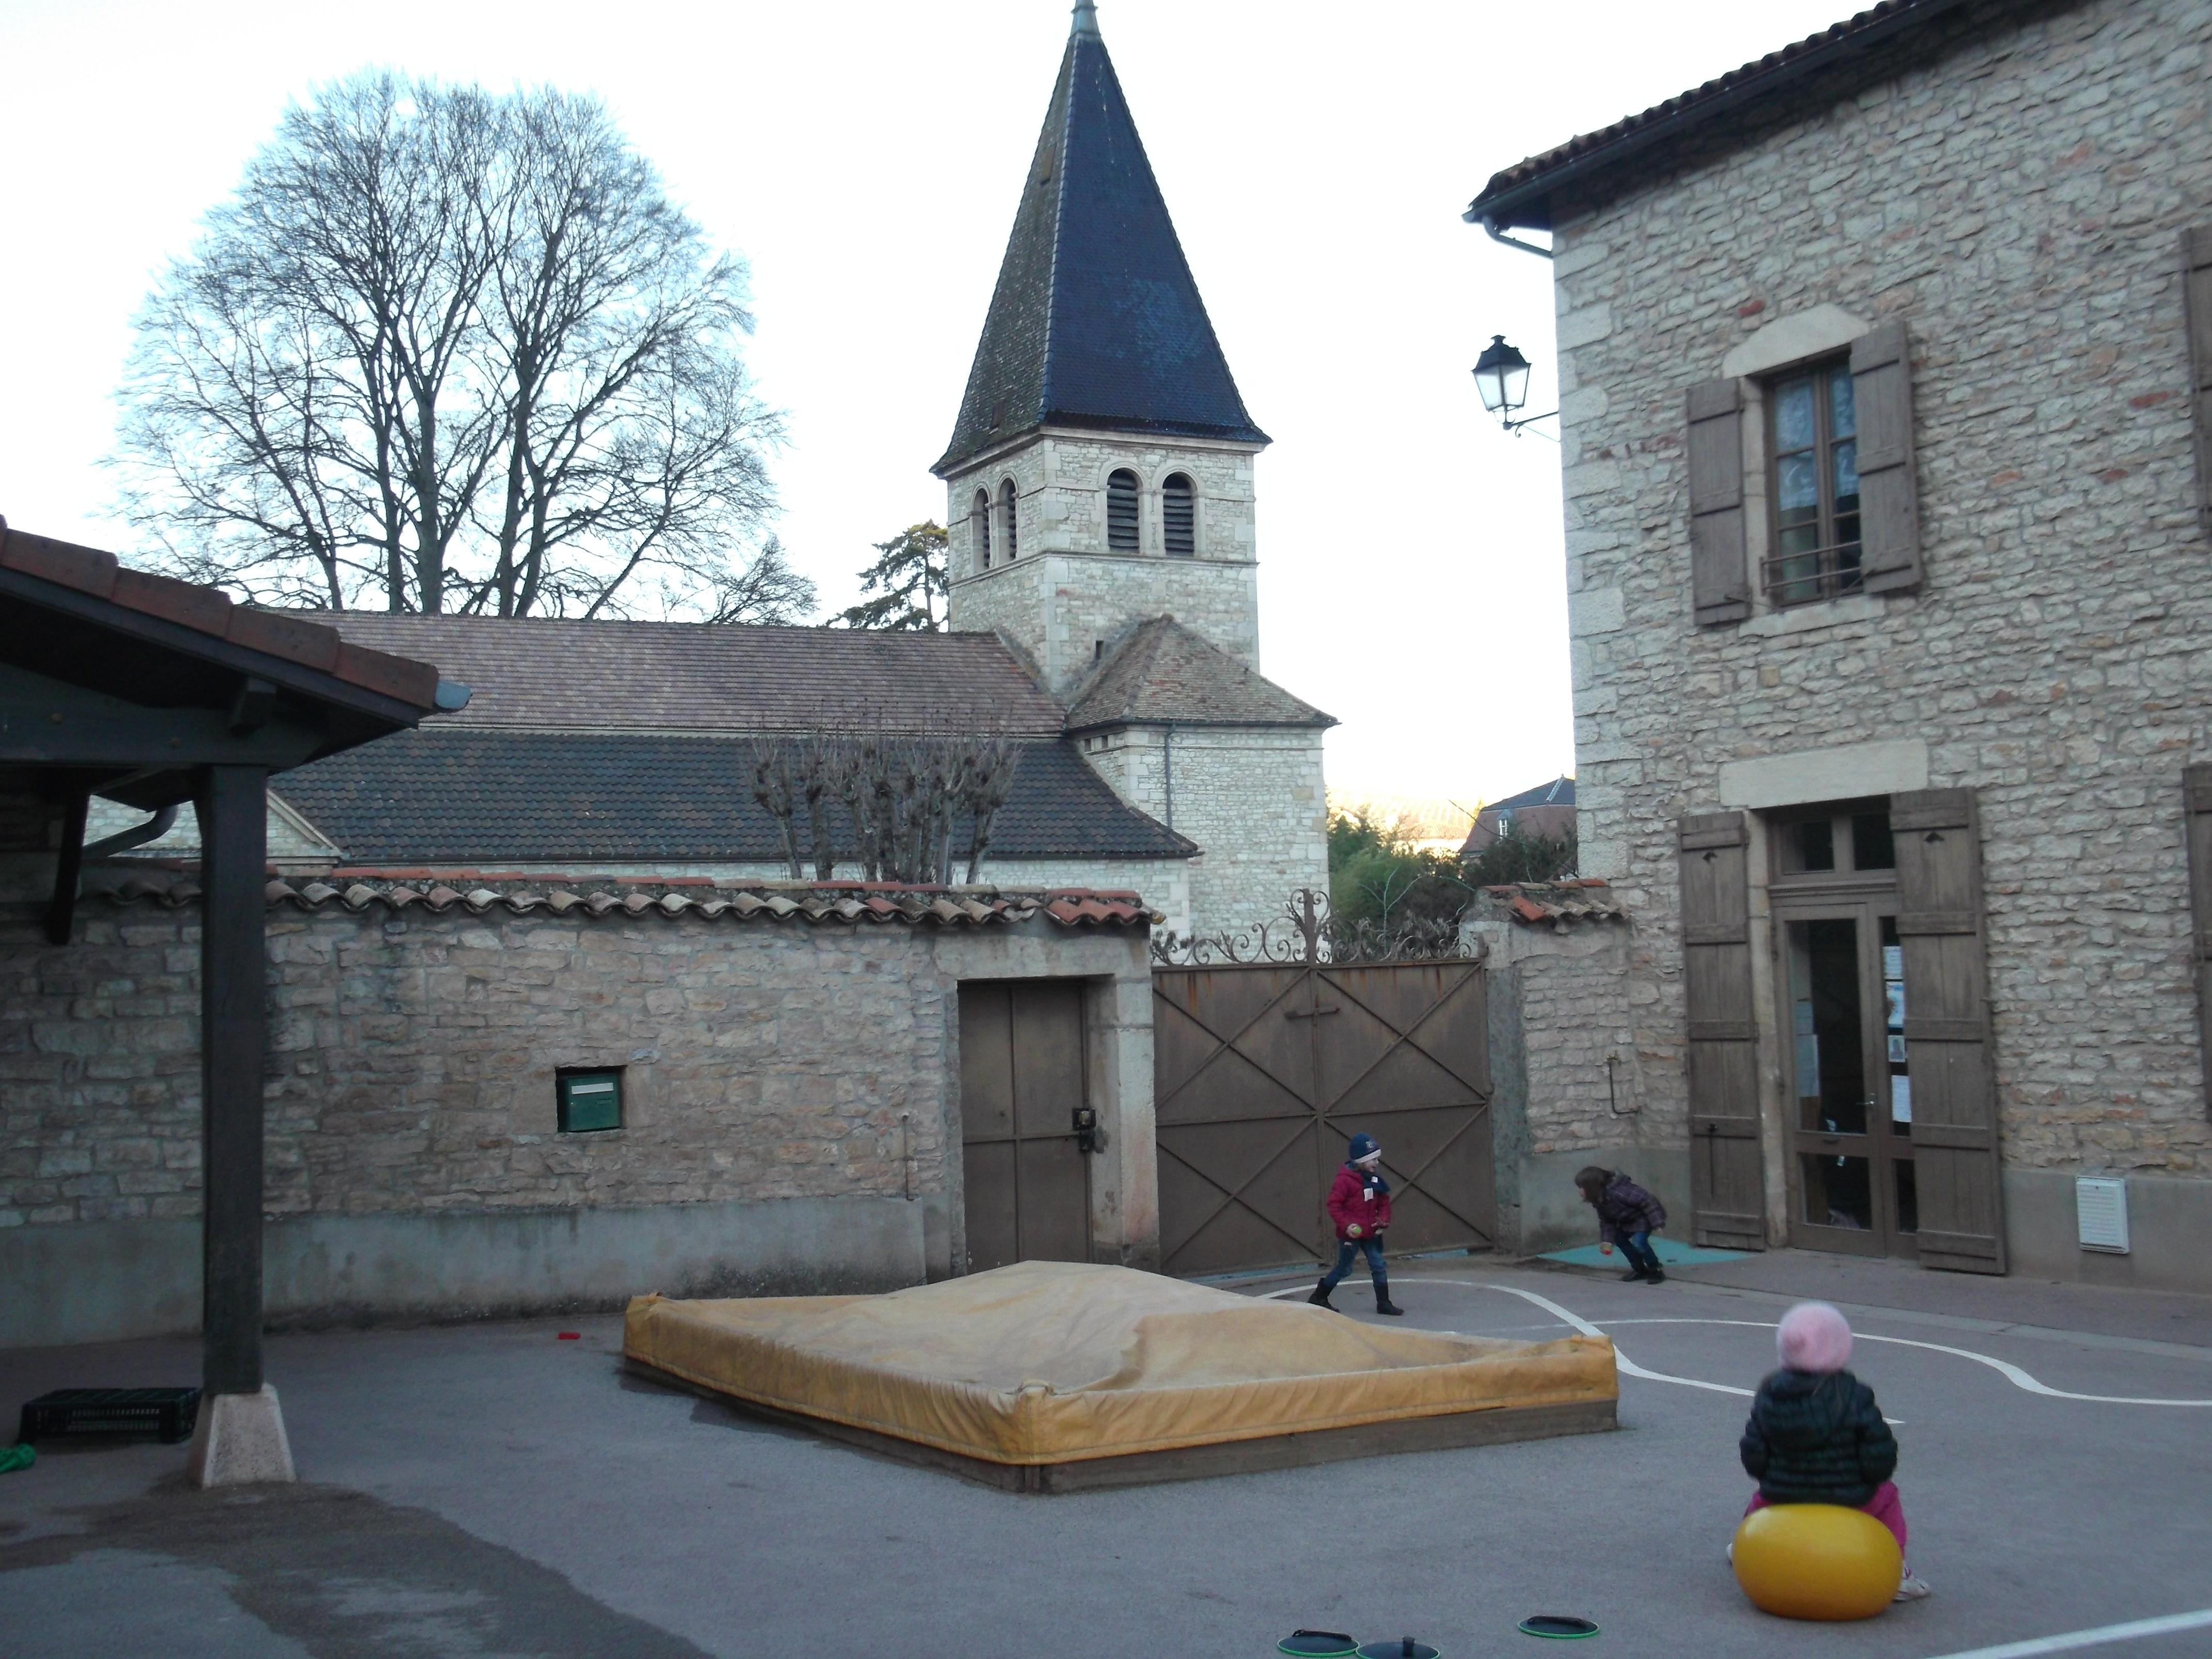 la cour de l'école de Lugny, vue sur l'église